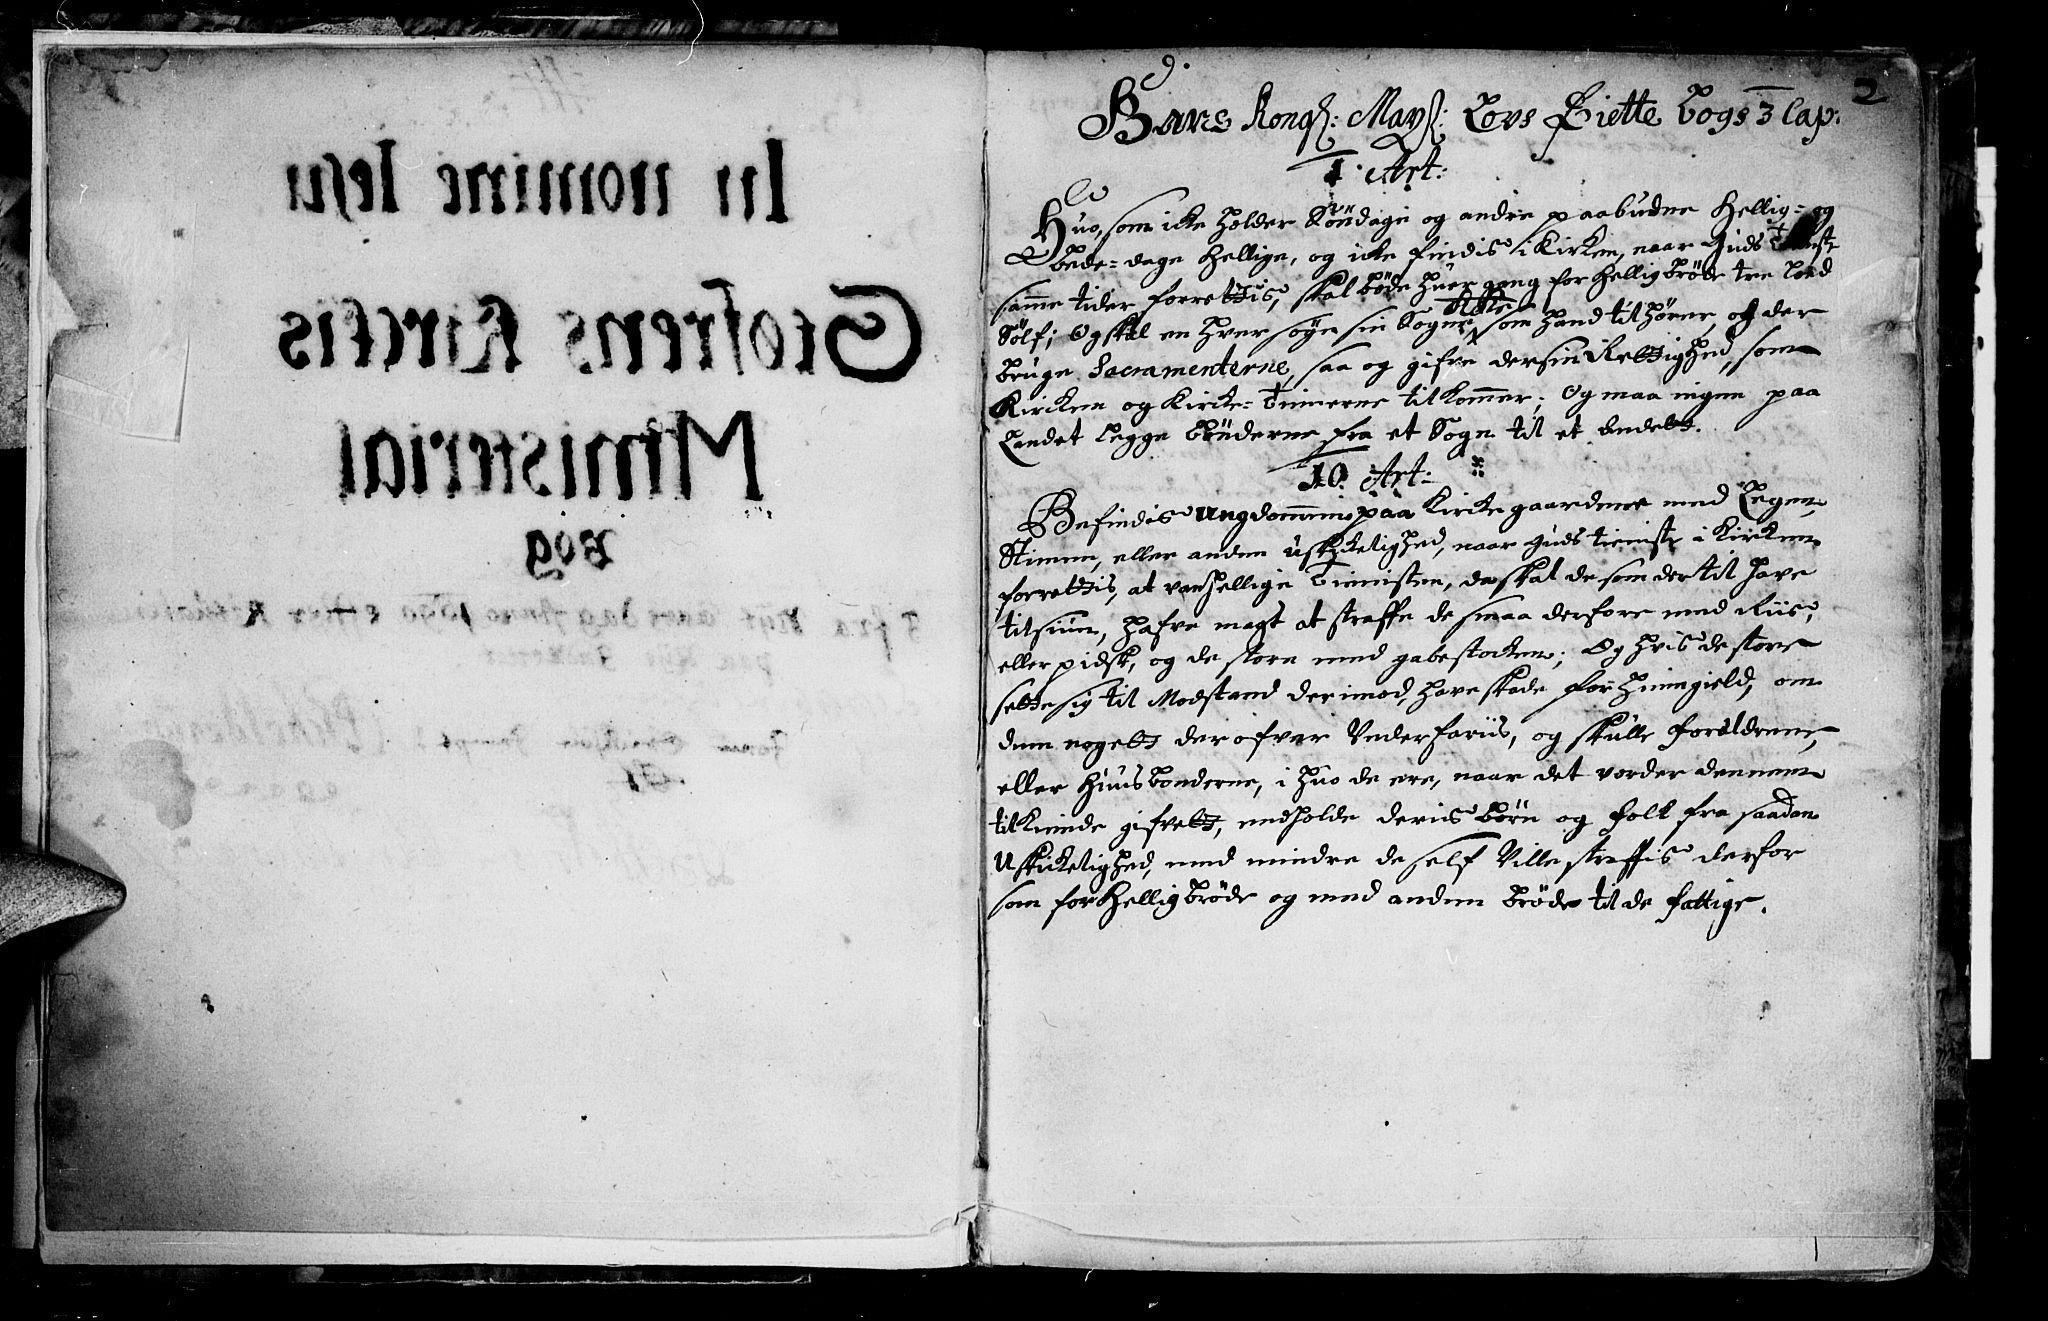 SAT, Ministerialprotokoller, klokkerbøker og fødselsregistre - Sør-Trøndelag, 687/L0990: Ministerialbok nr. 687A01, 1690-1746, s. 2